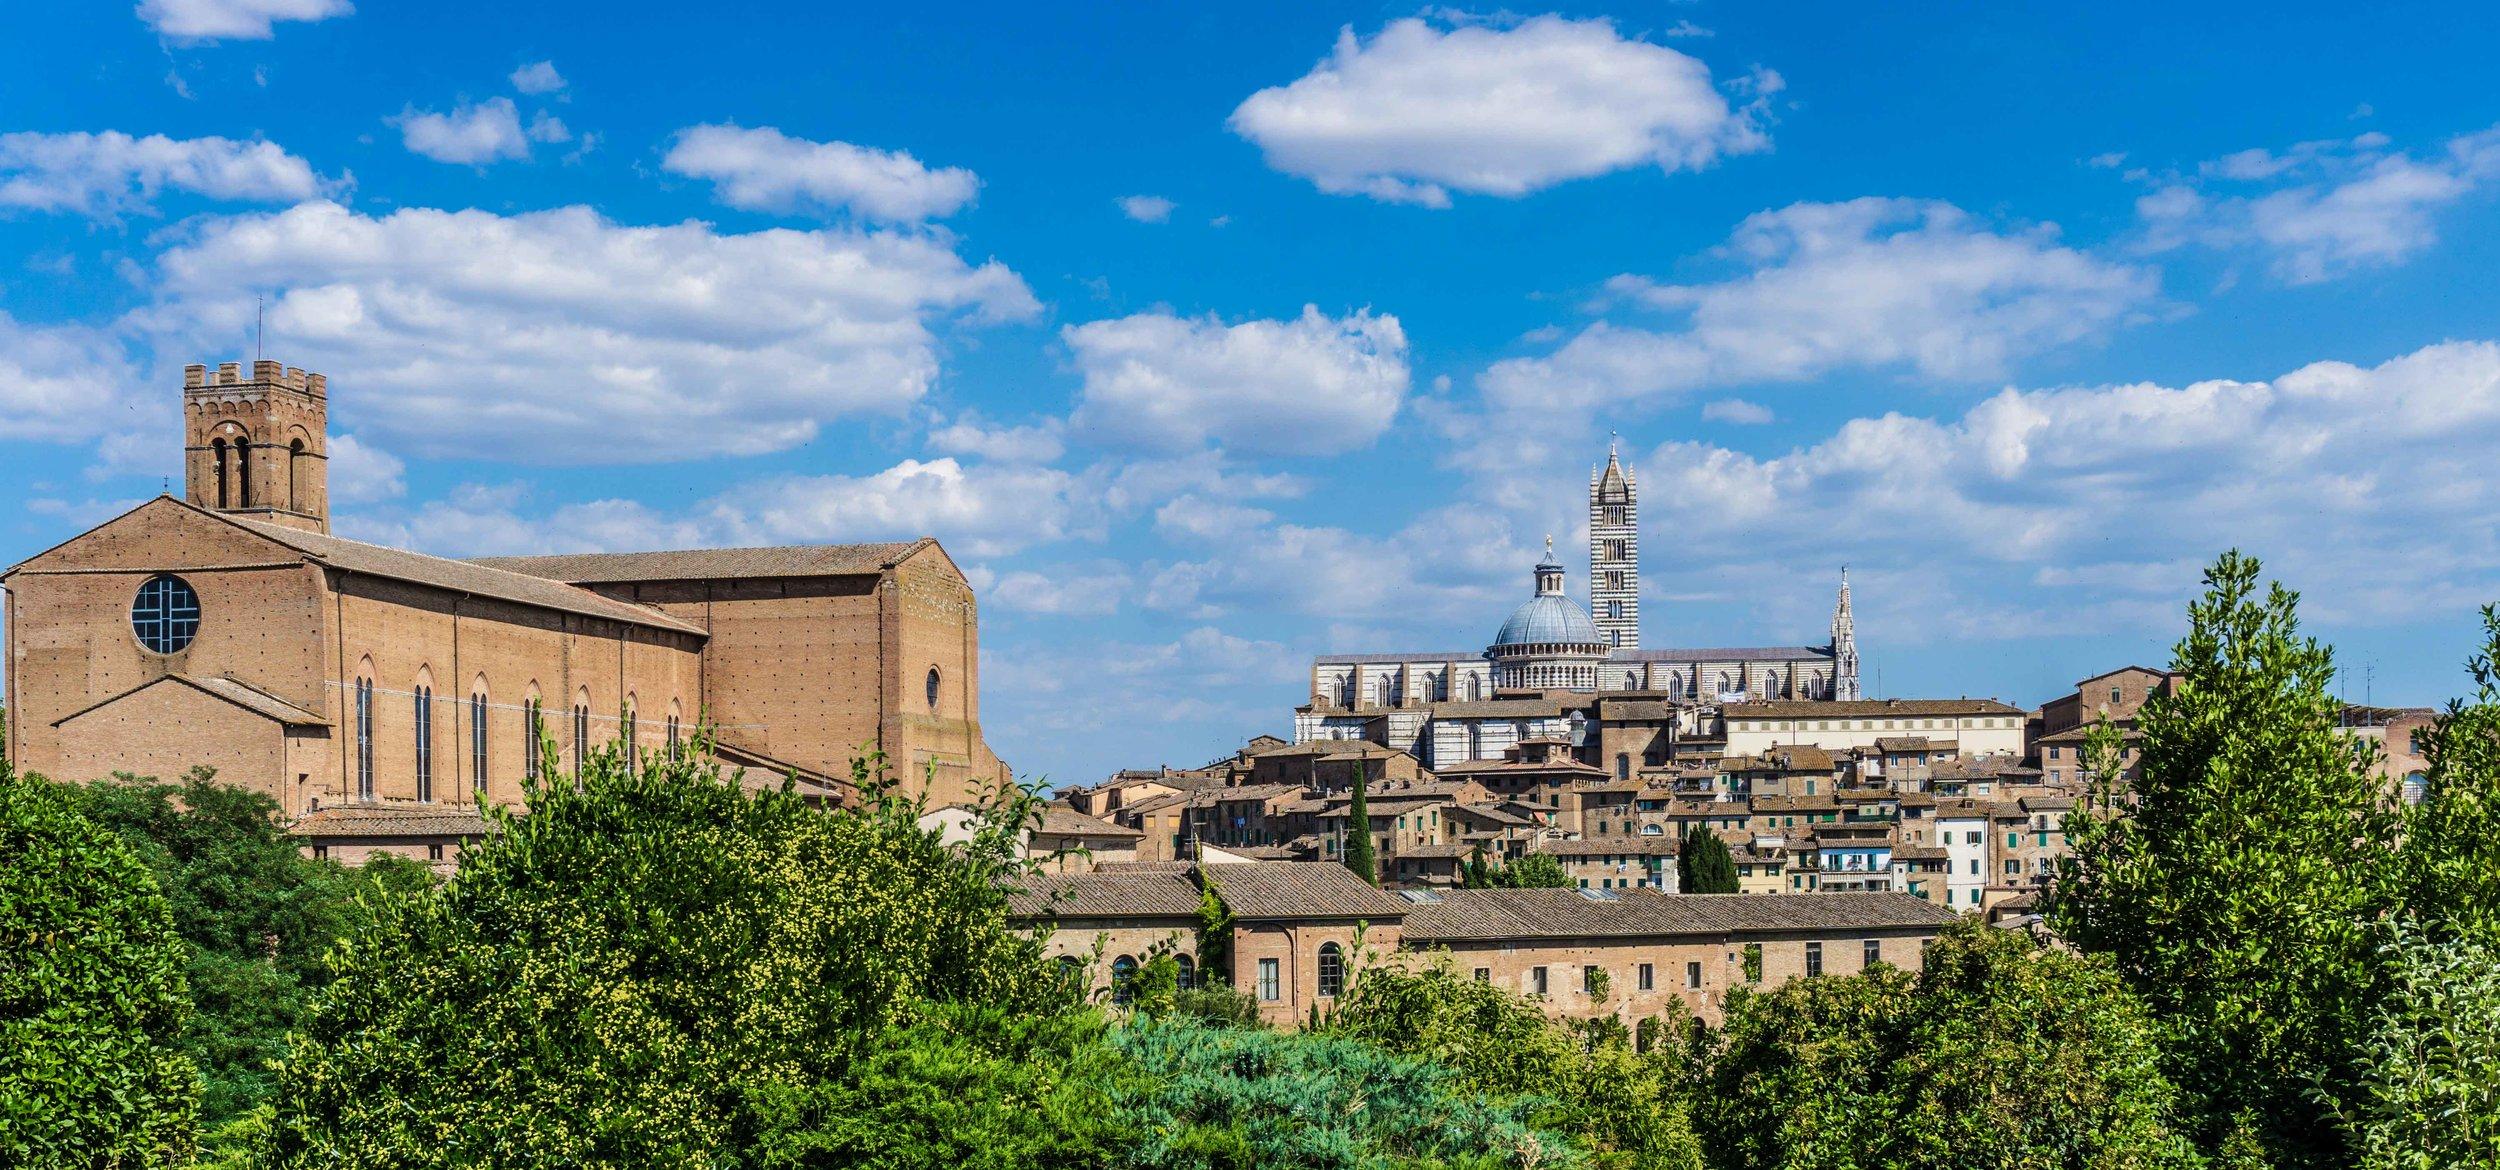 Siena on a hillside